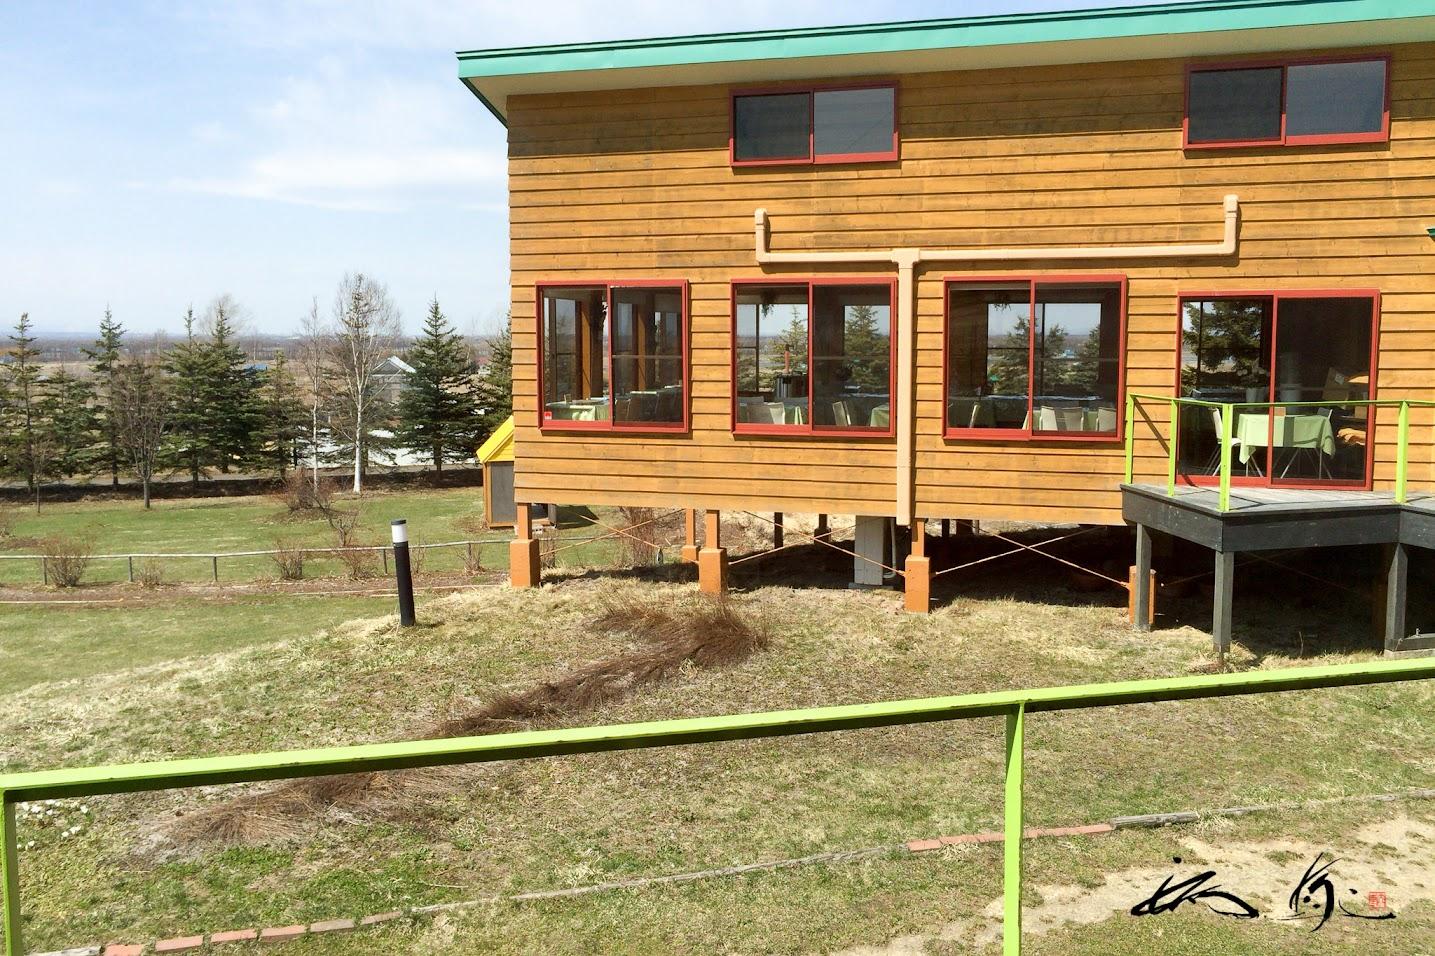 緑の屋根とオレンジ色の壁の建物が可愛い!